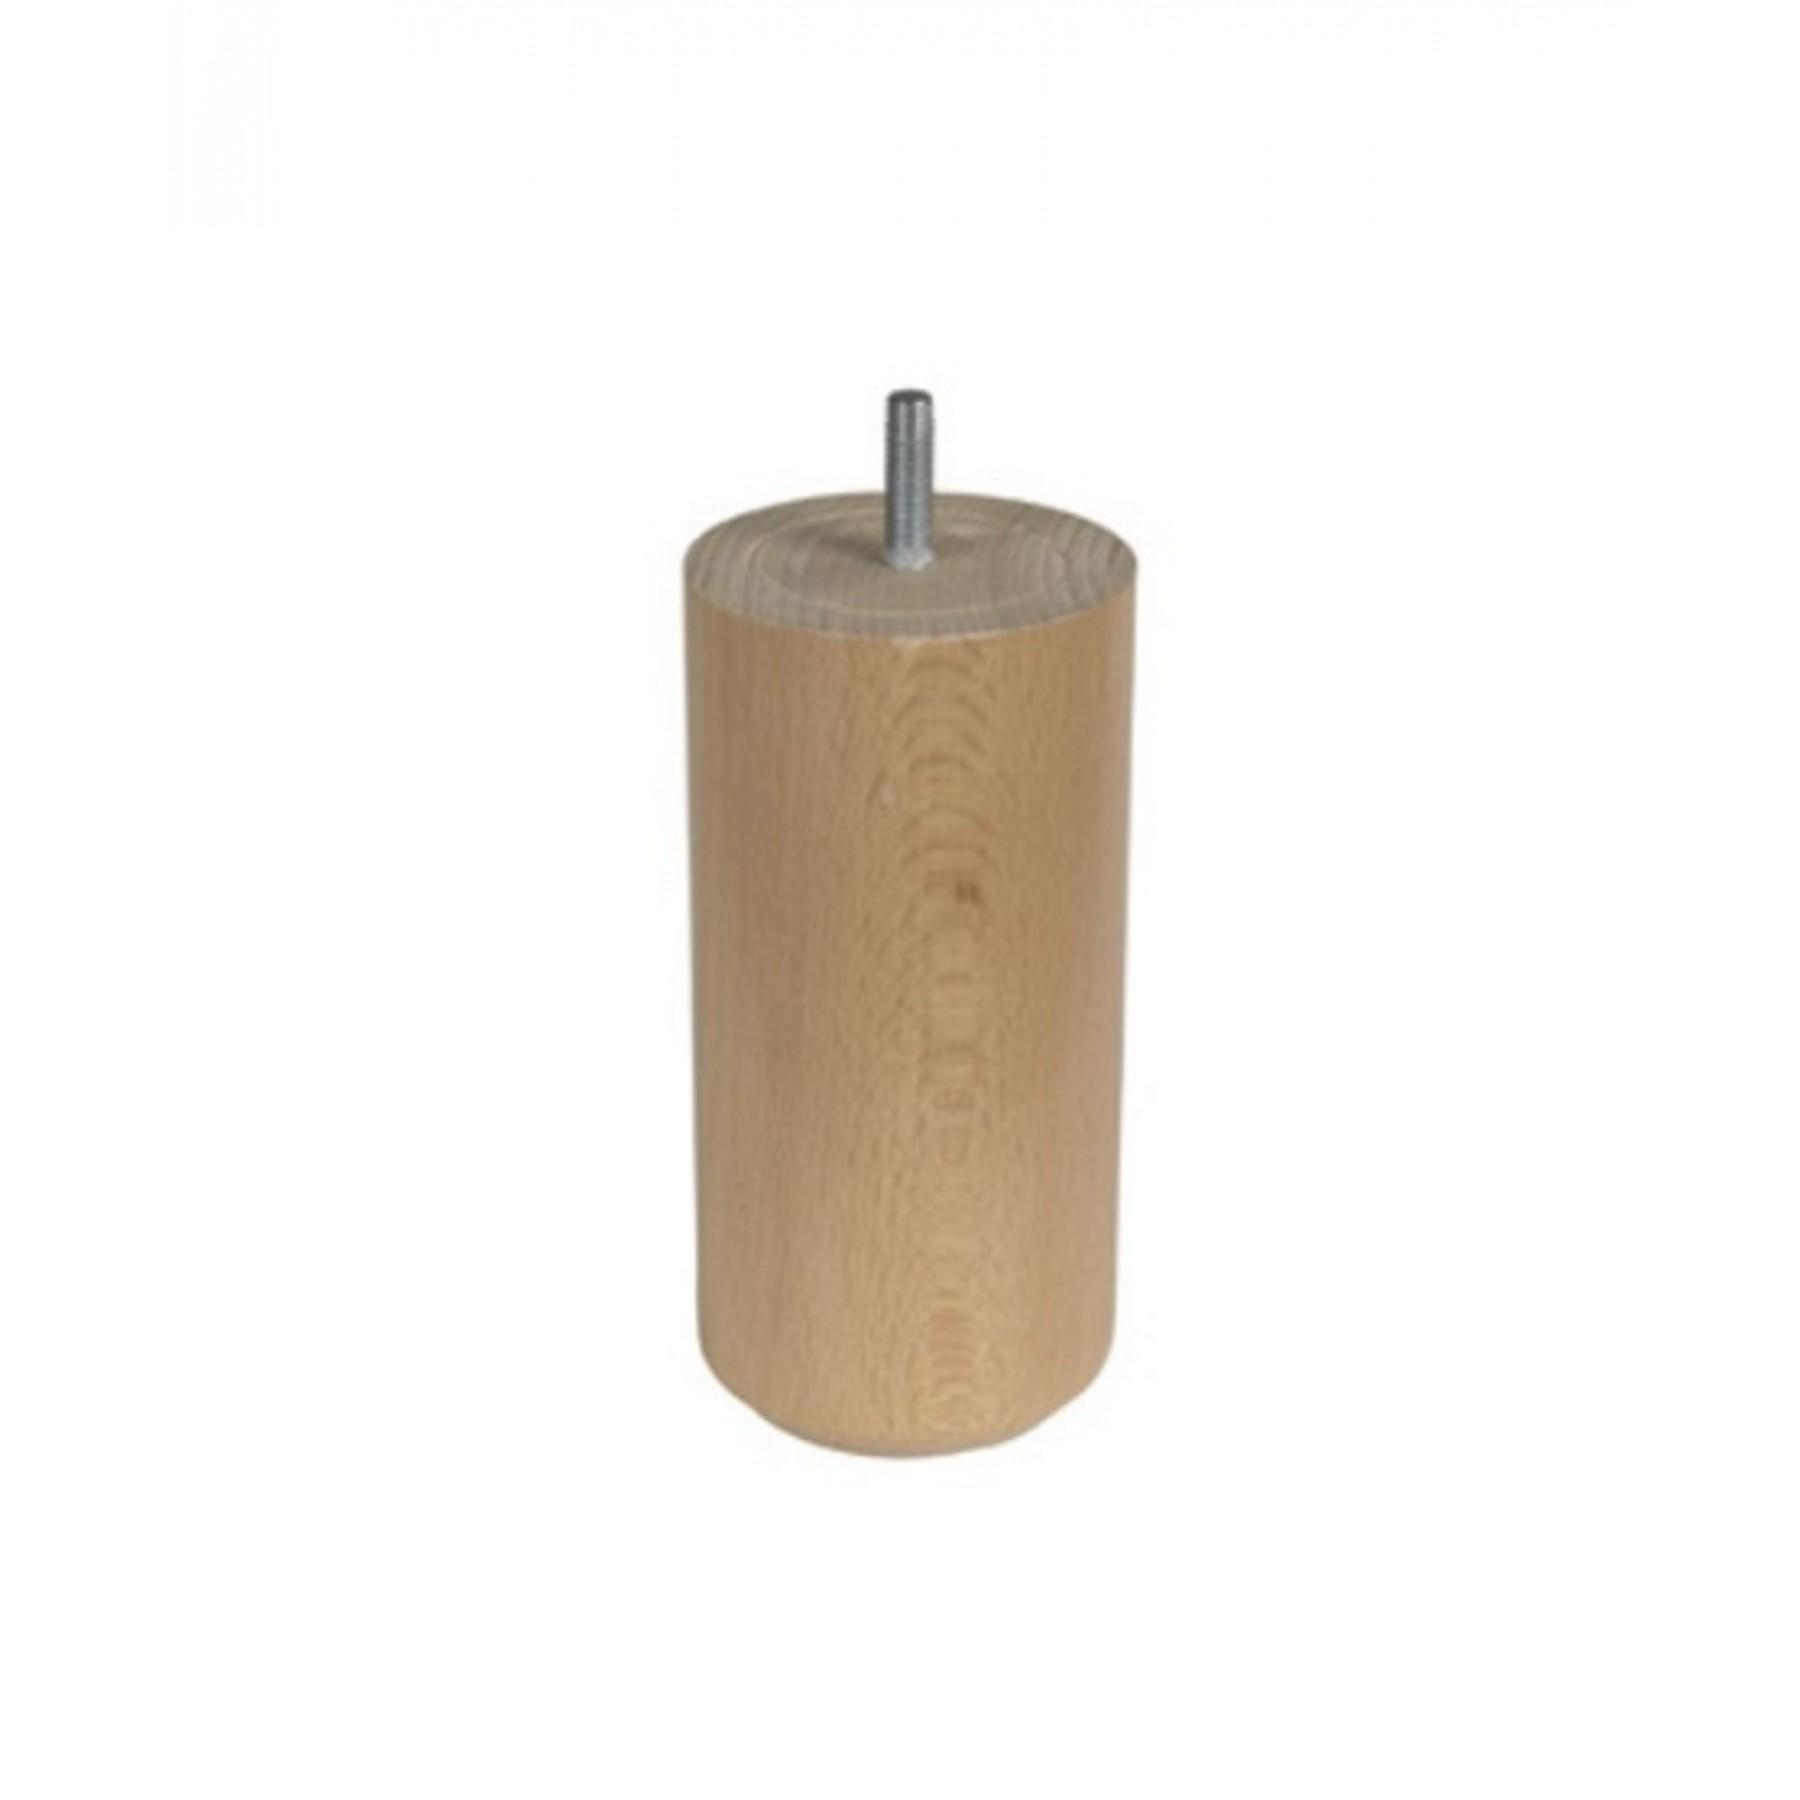 pieds cylindrique en bois pour sommier lattes. Black Bedroom Furniture Sets. Home Design Ideas